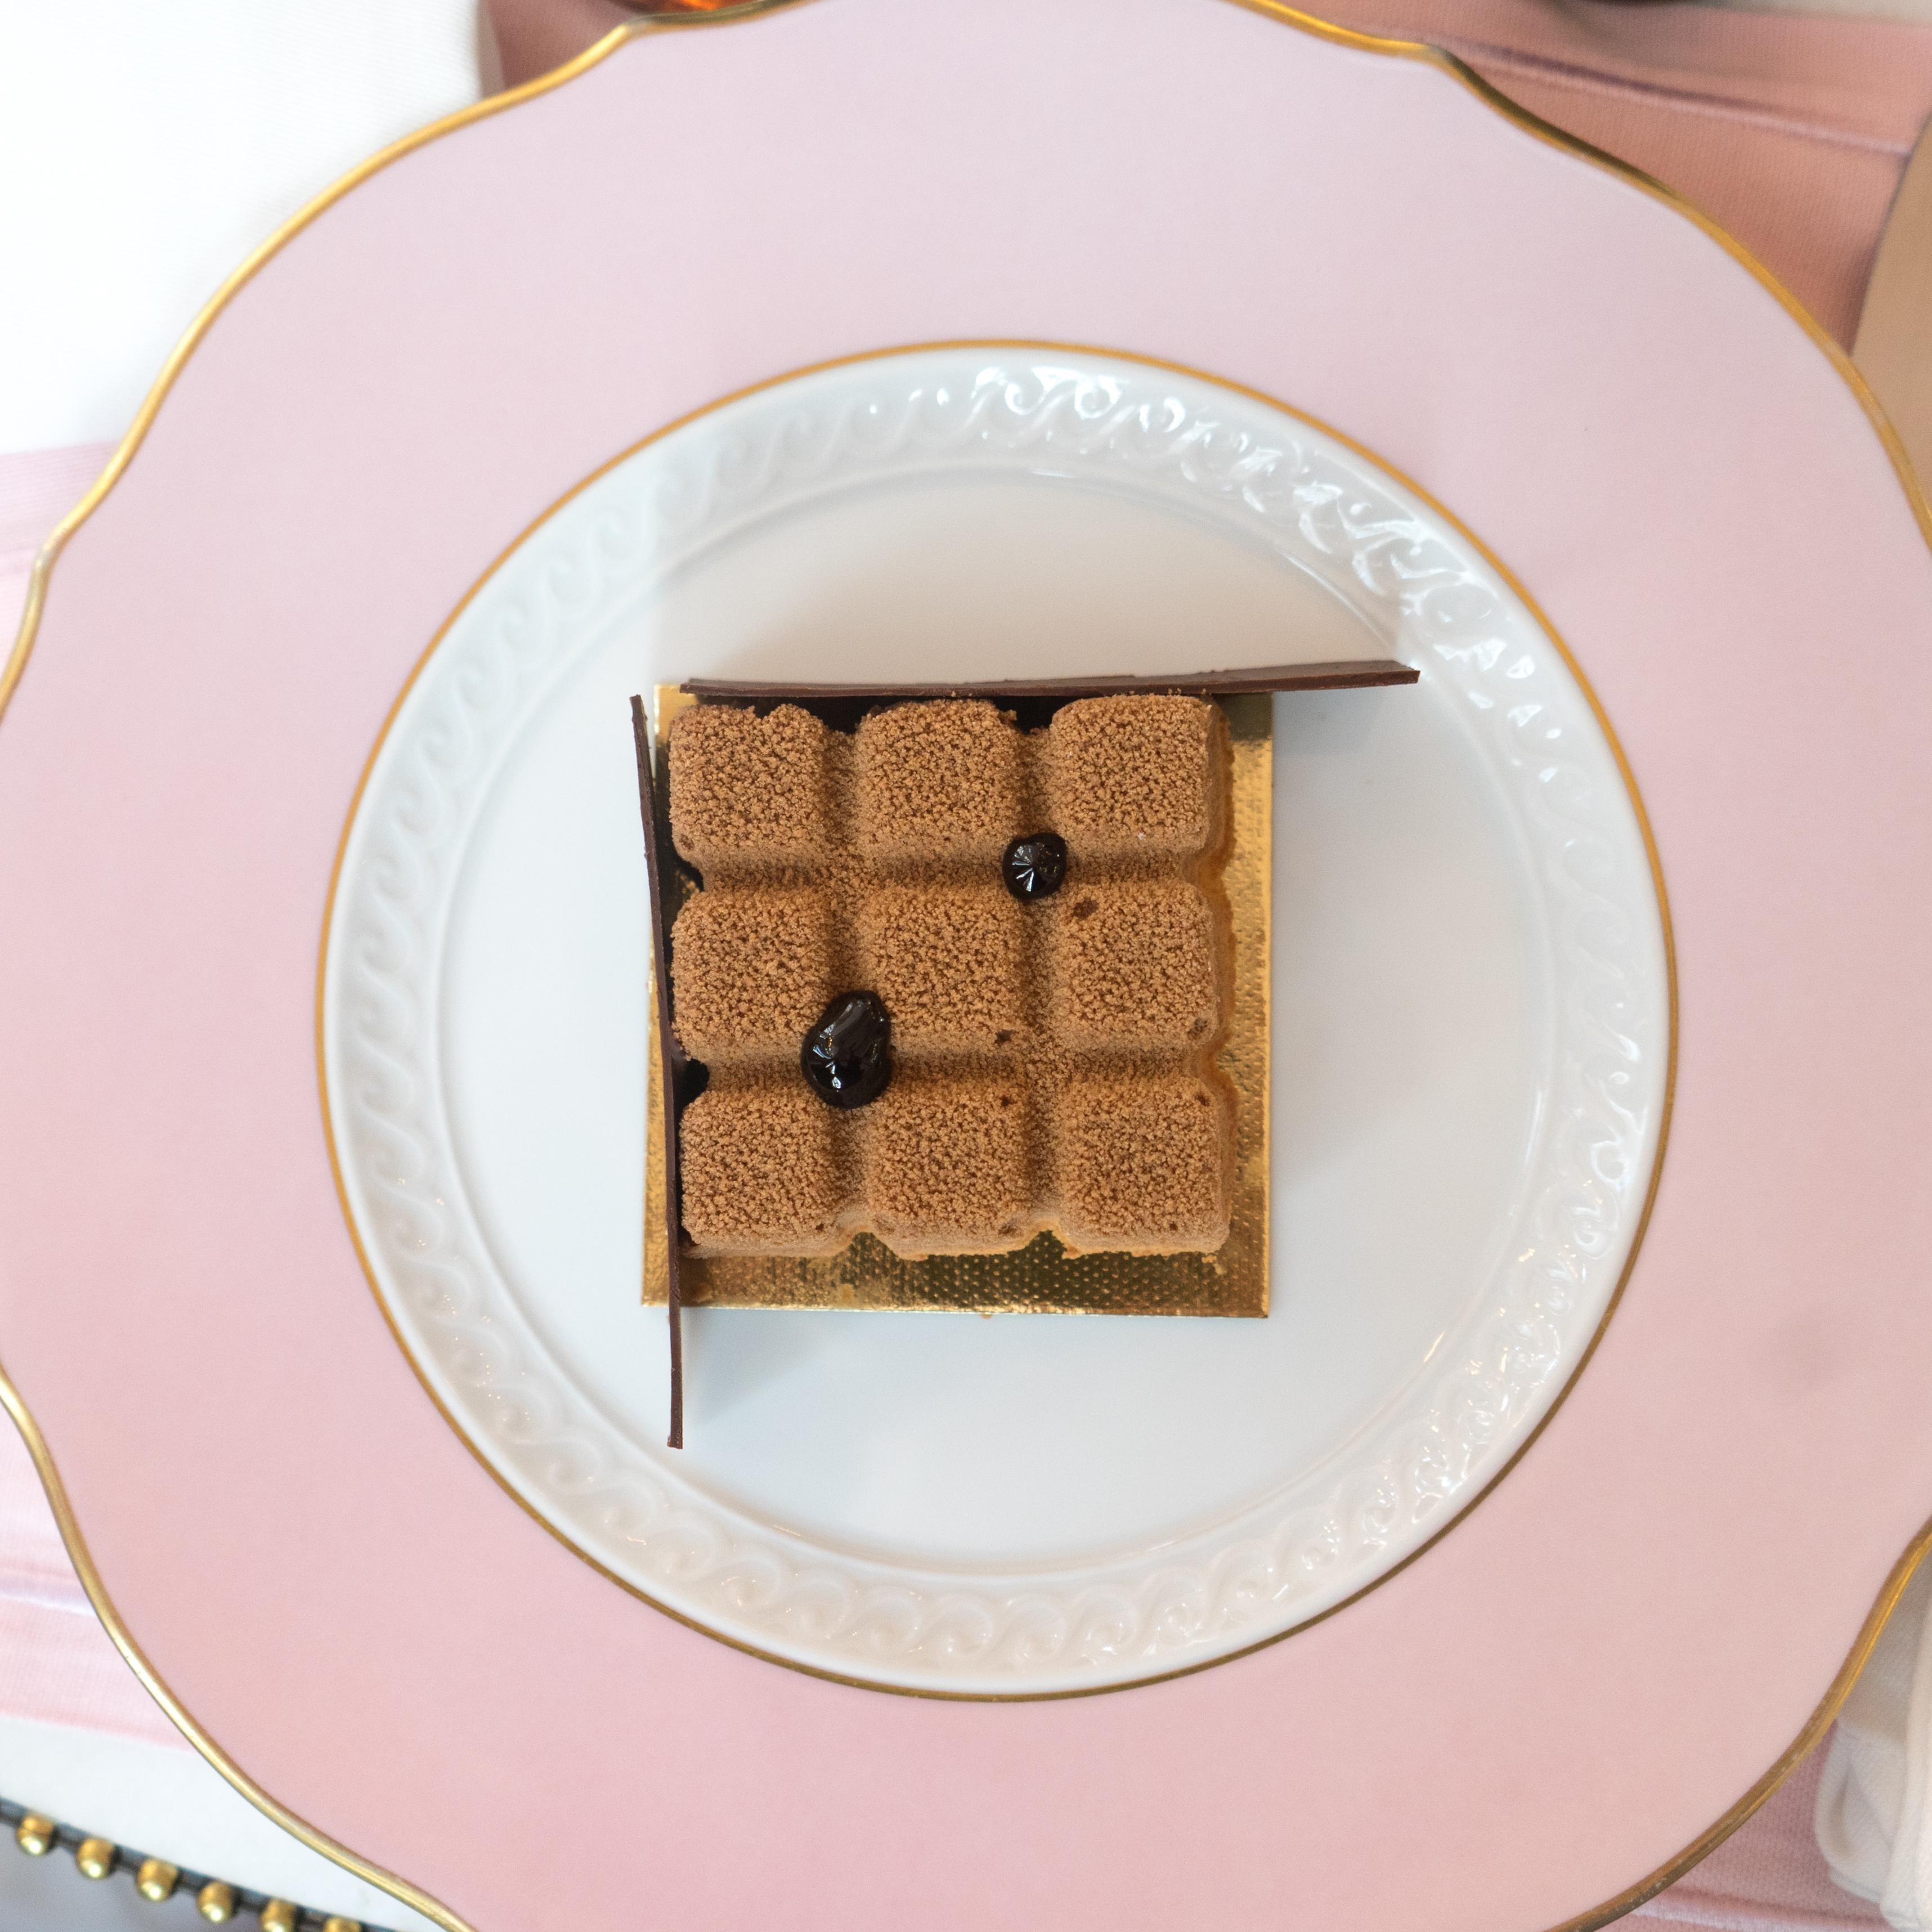 Cappuchino cake to please the palate